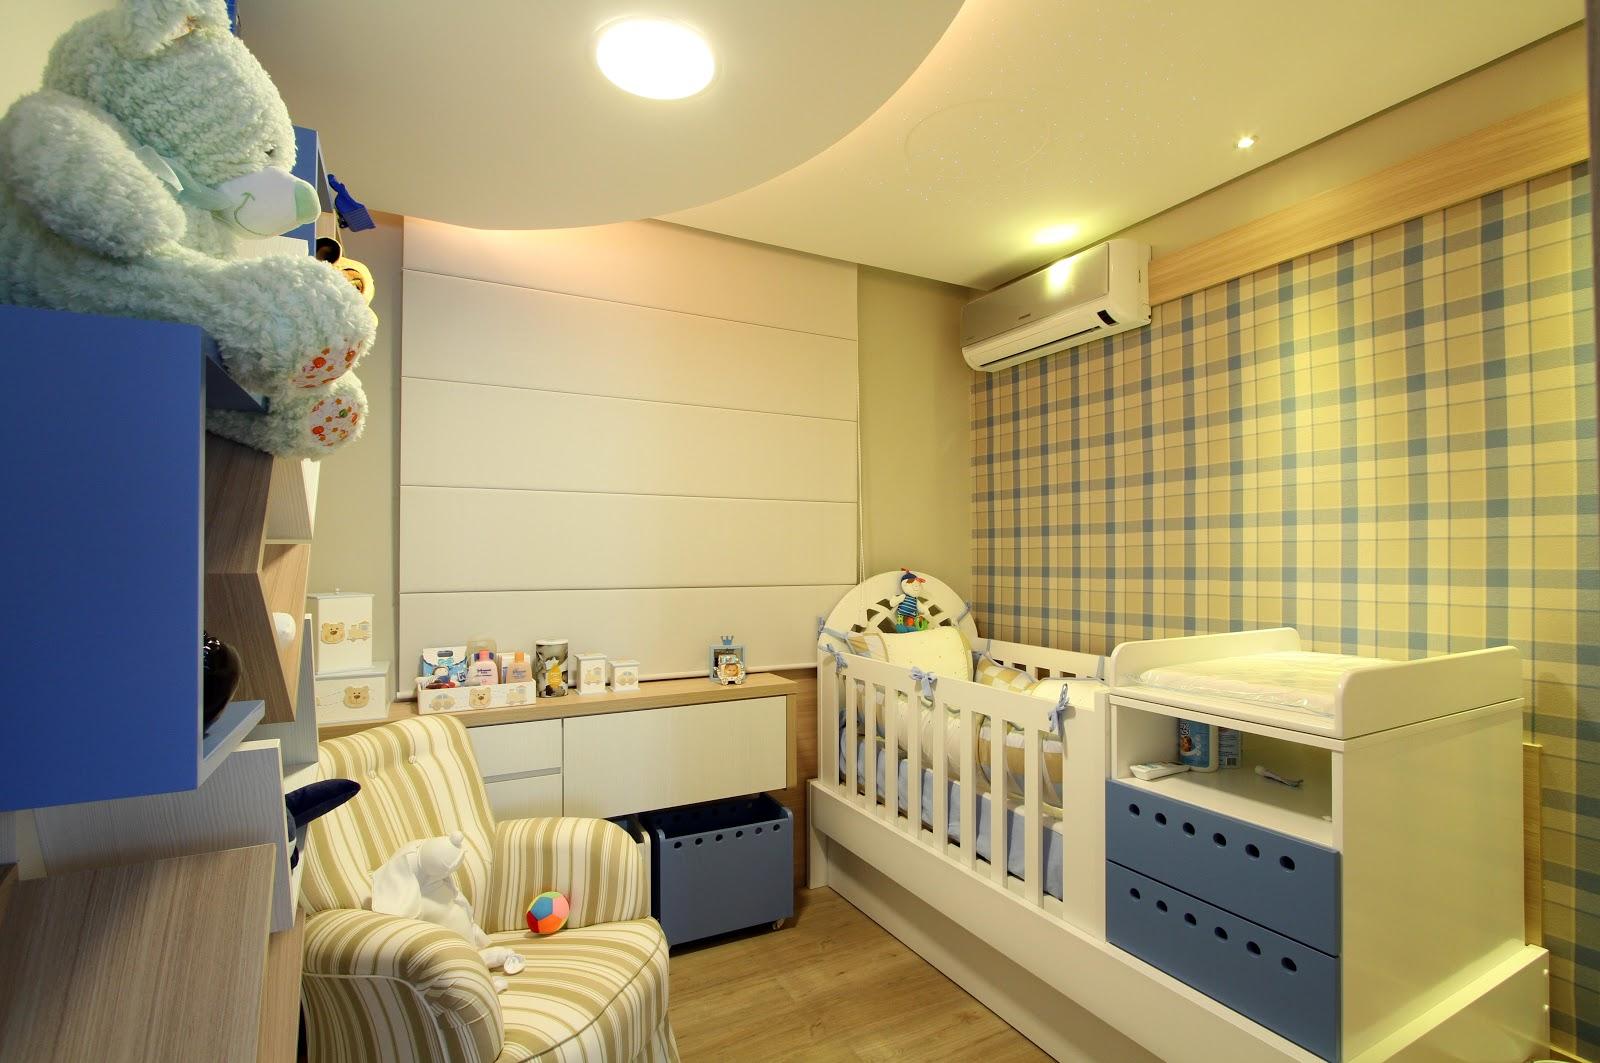 Quarto De Bebe Mais Lindo Do Mundo ~ quinta feira, 31 de maio de 2012